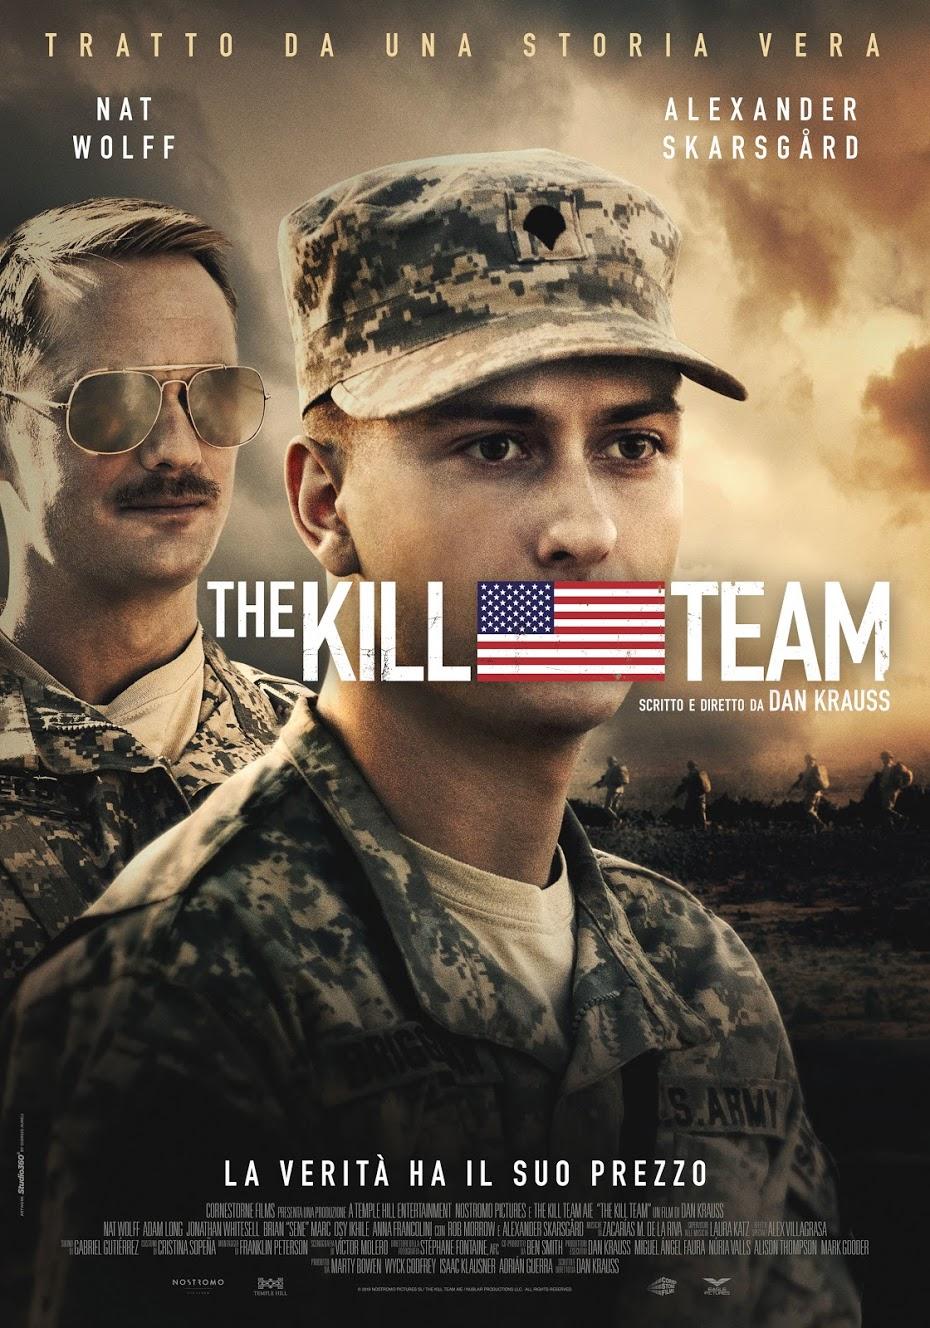 Foto De 2019 Escuadrón De La Muerte The Kill Team Tt6196936 Google Fotos Películas Completas Películas Completas Gratis Peliculas